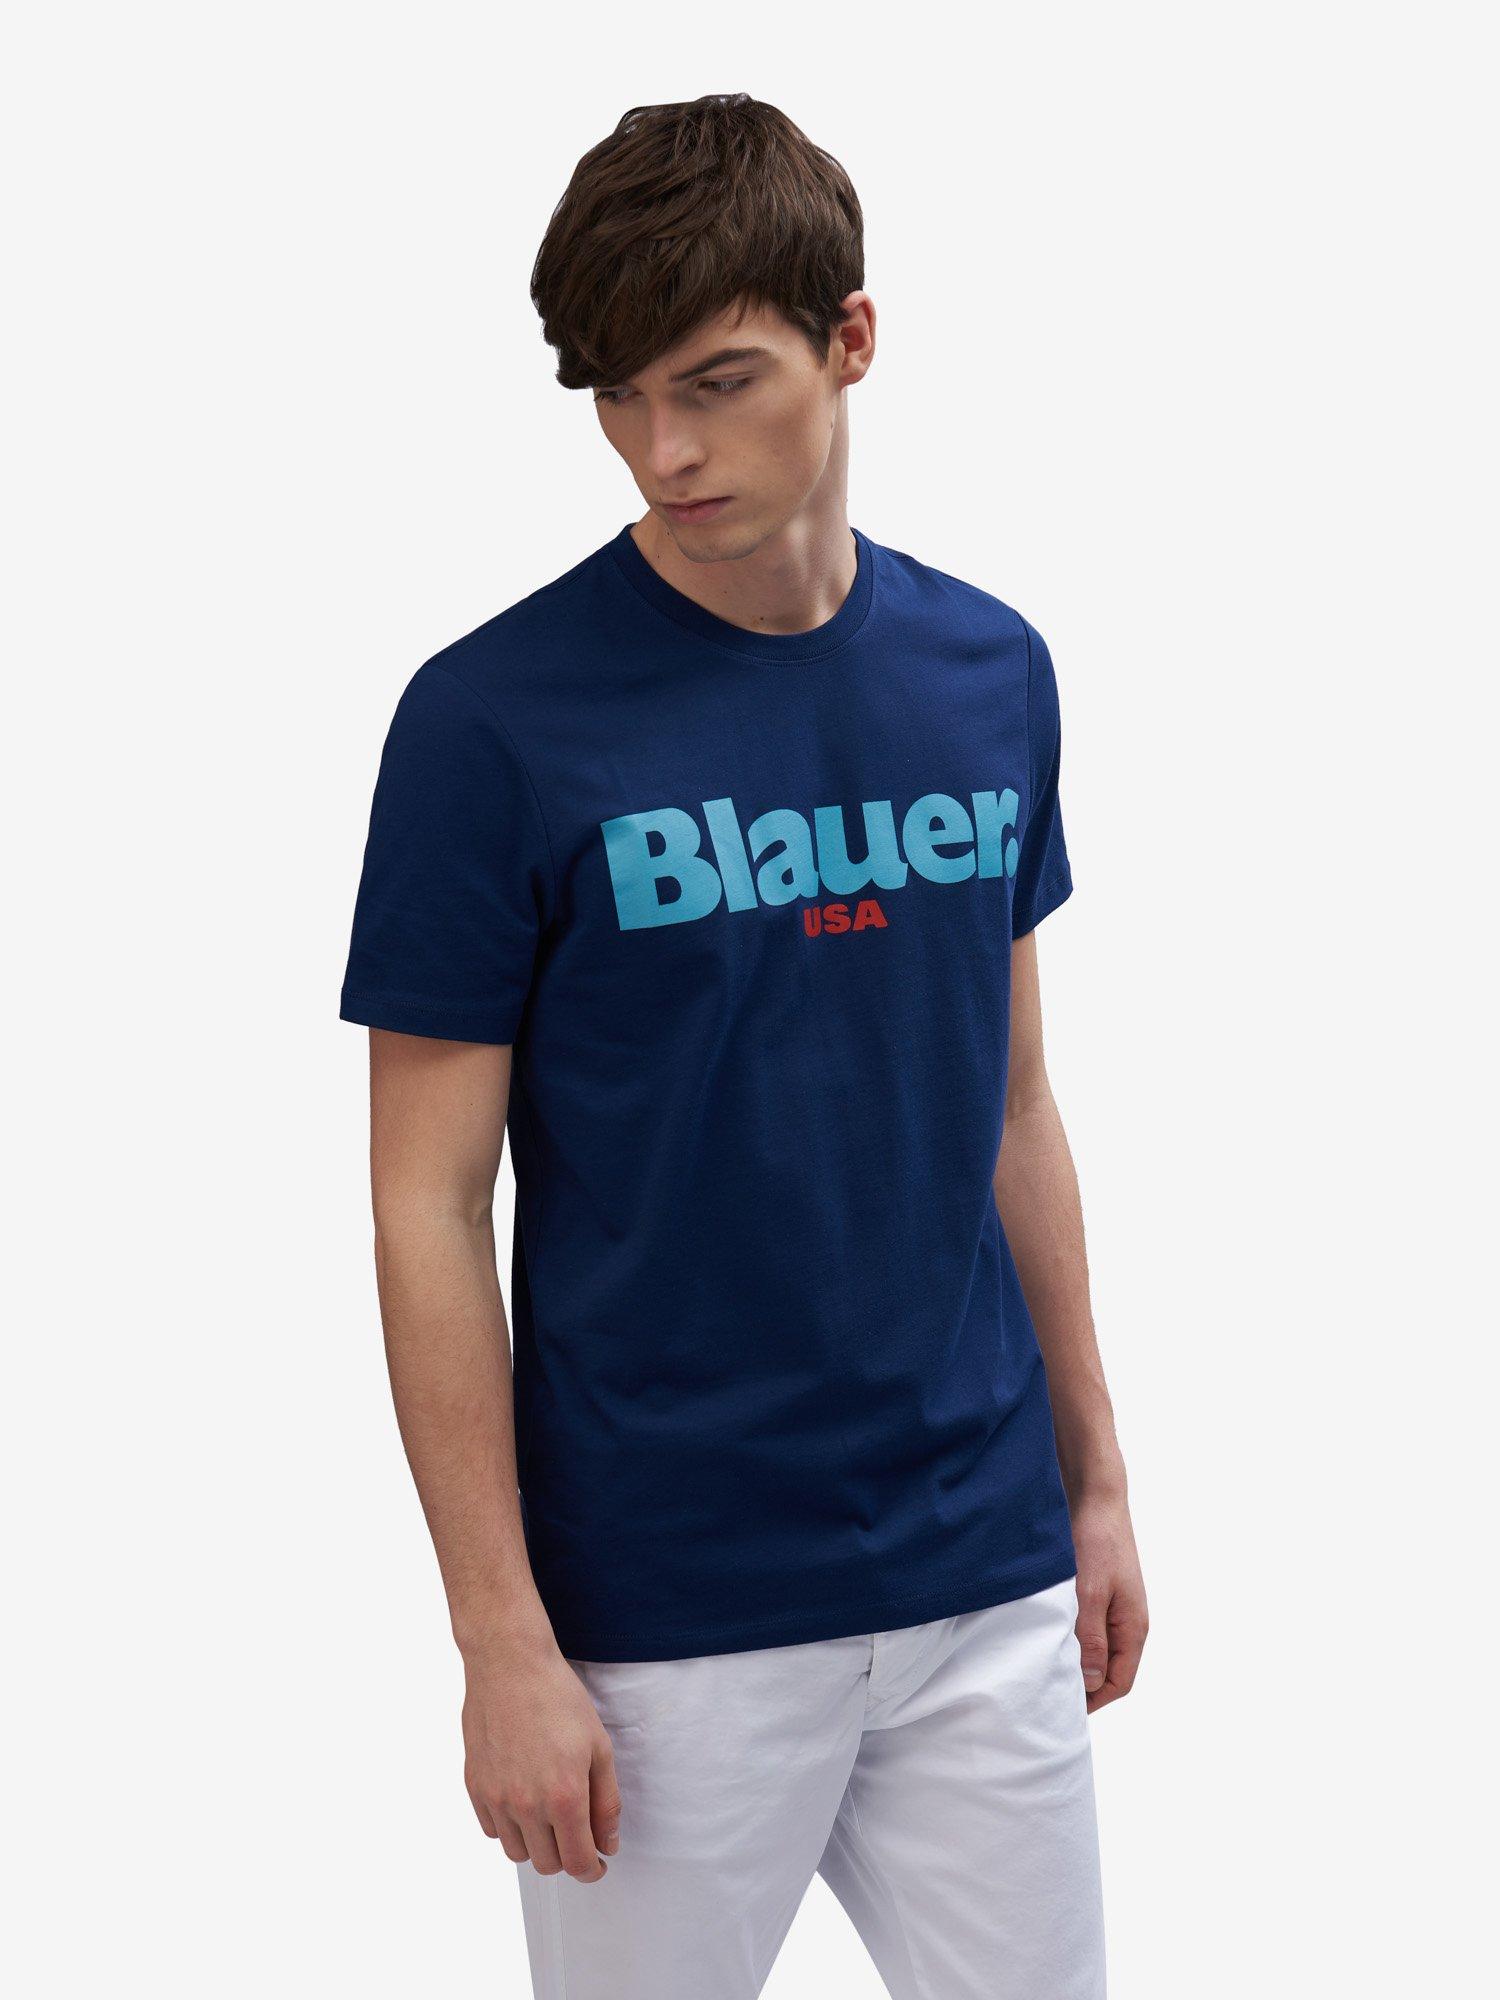 HERREN-T-SHIRT BLAUER USA - Blauer